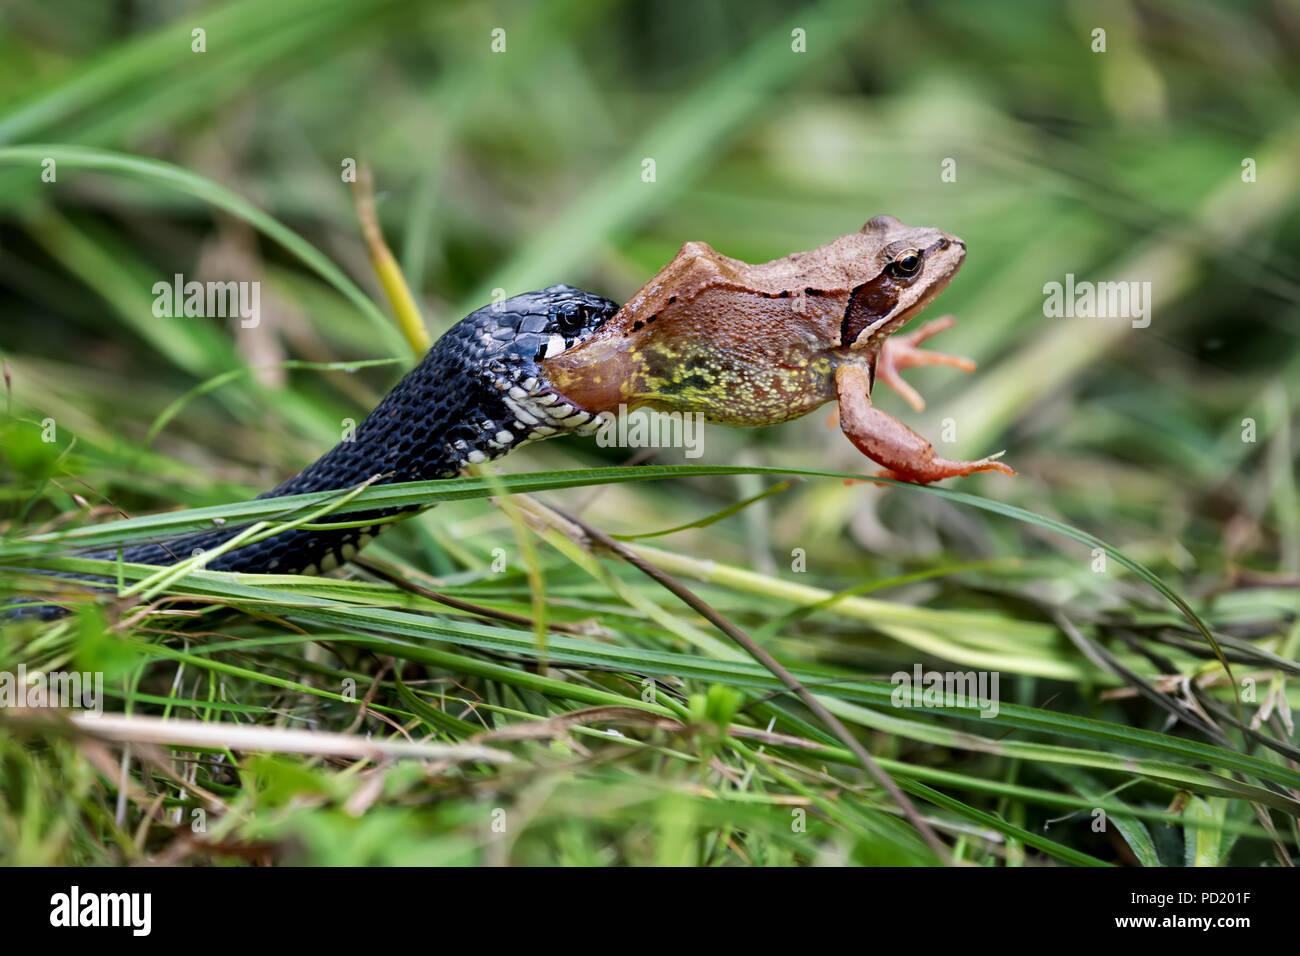 Negro Snake comiendo big frog Imagen De Stock